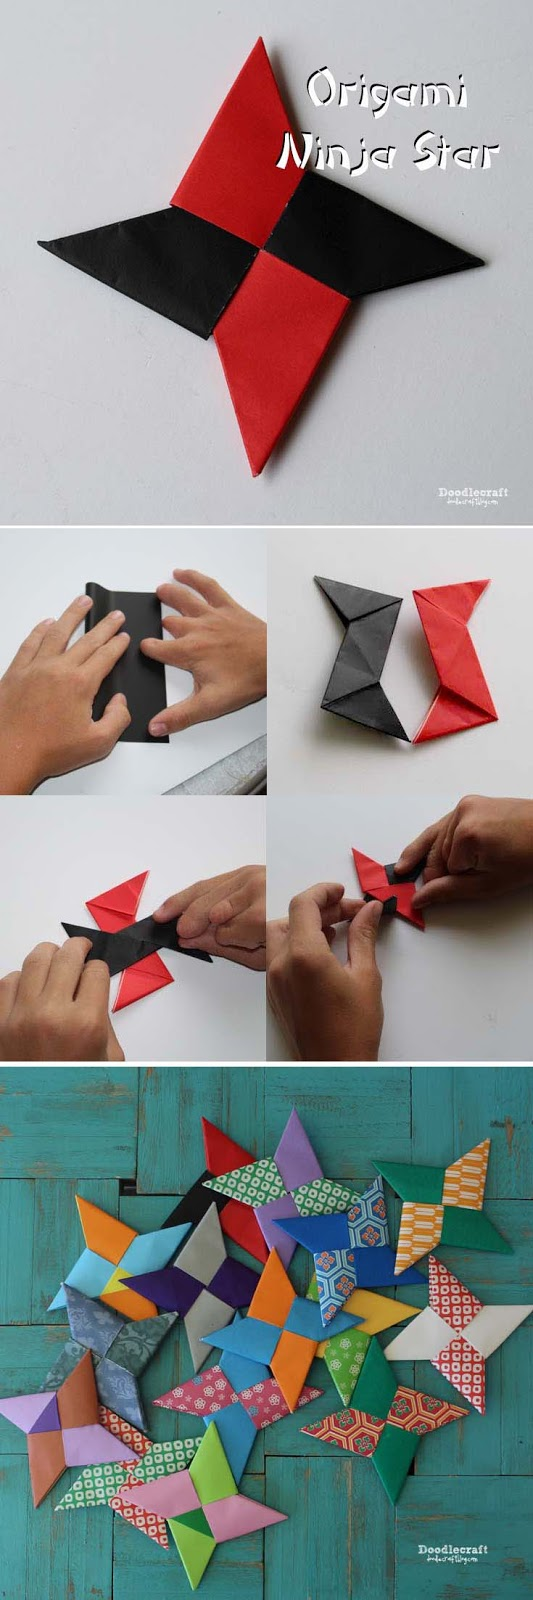 Оригами на ютубе для начинающих